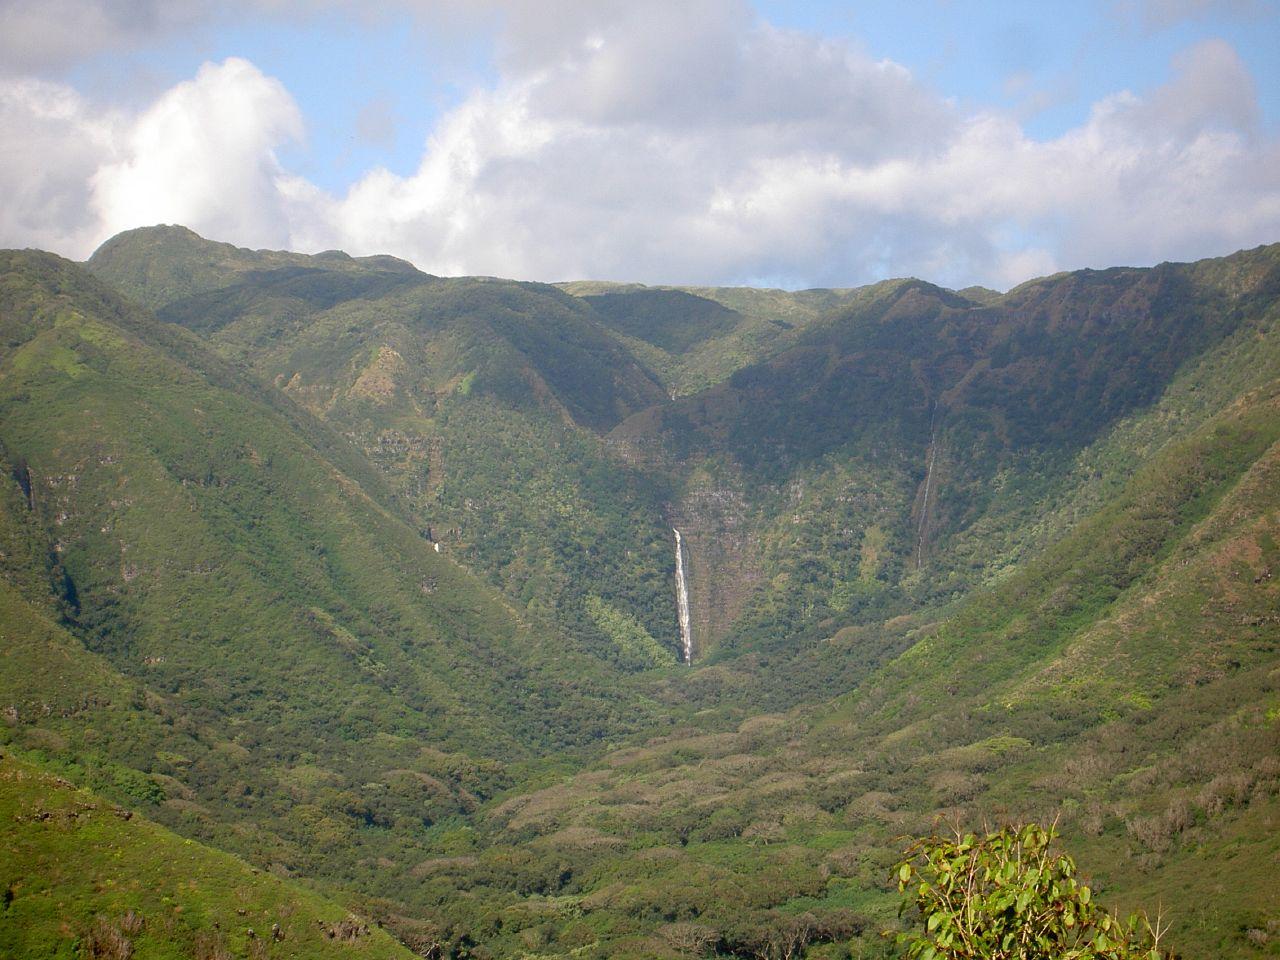 夏威夷-莫洛凯岛-哈瓦拉山谷-63.jpg